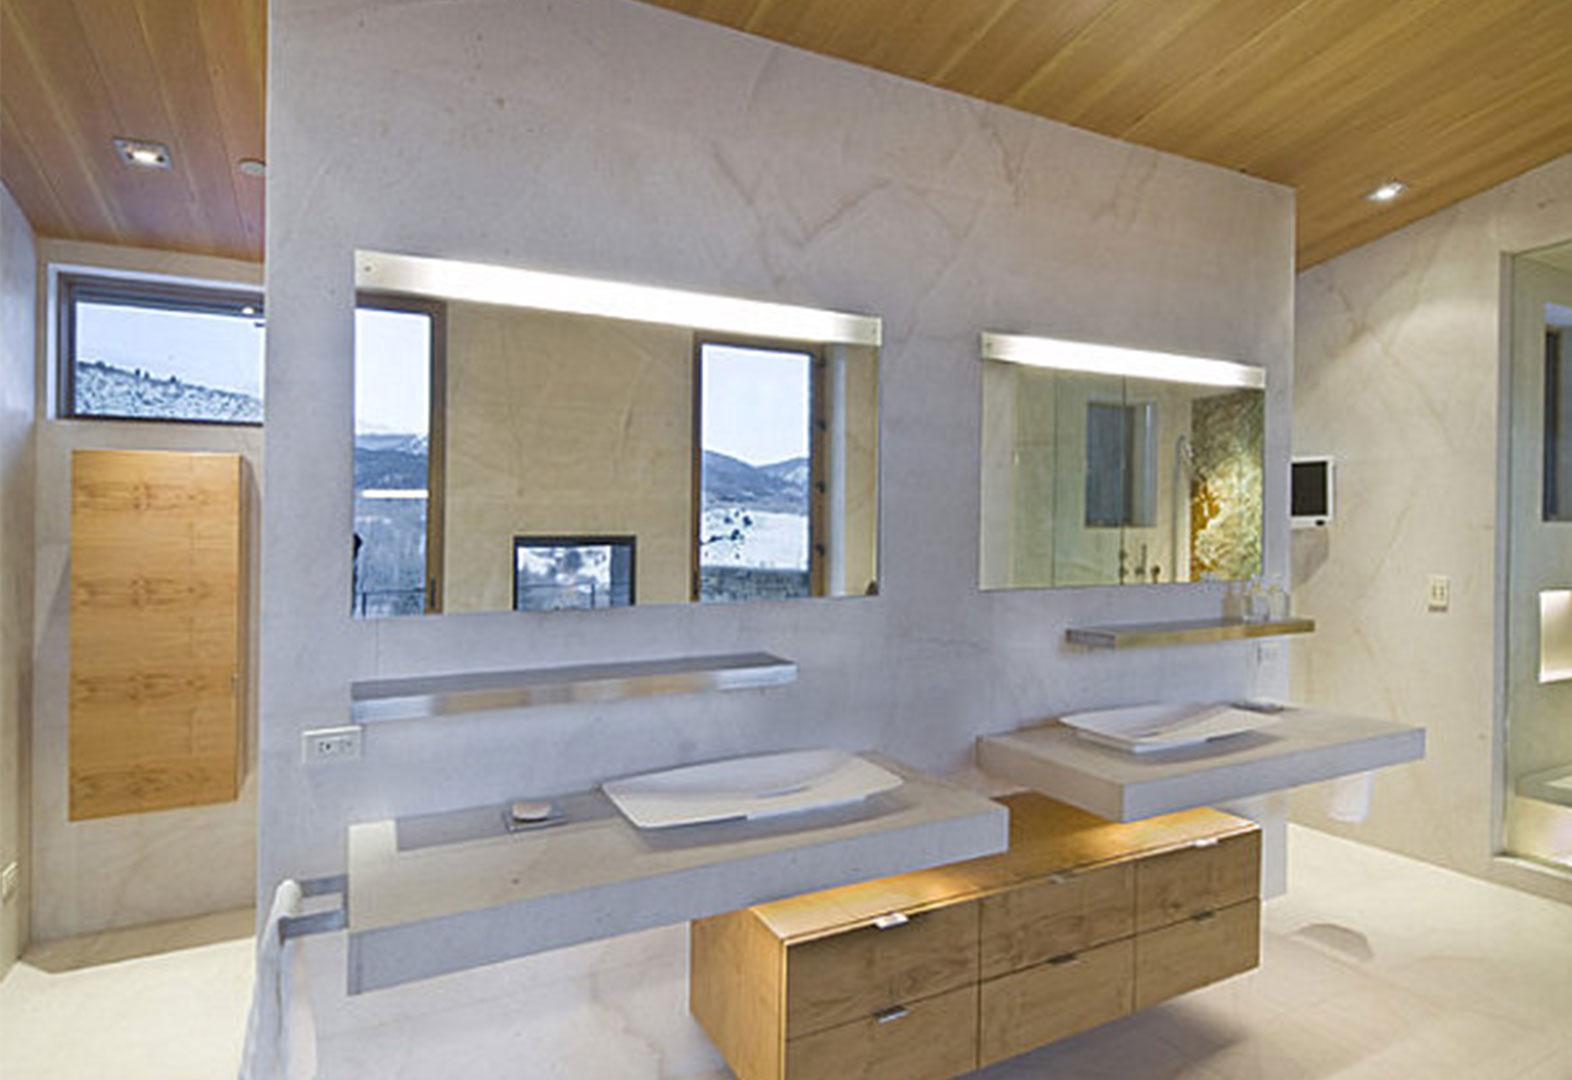 اضاءة الحمام في البيت العصري